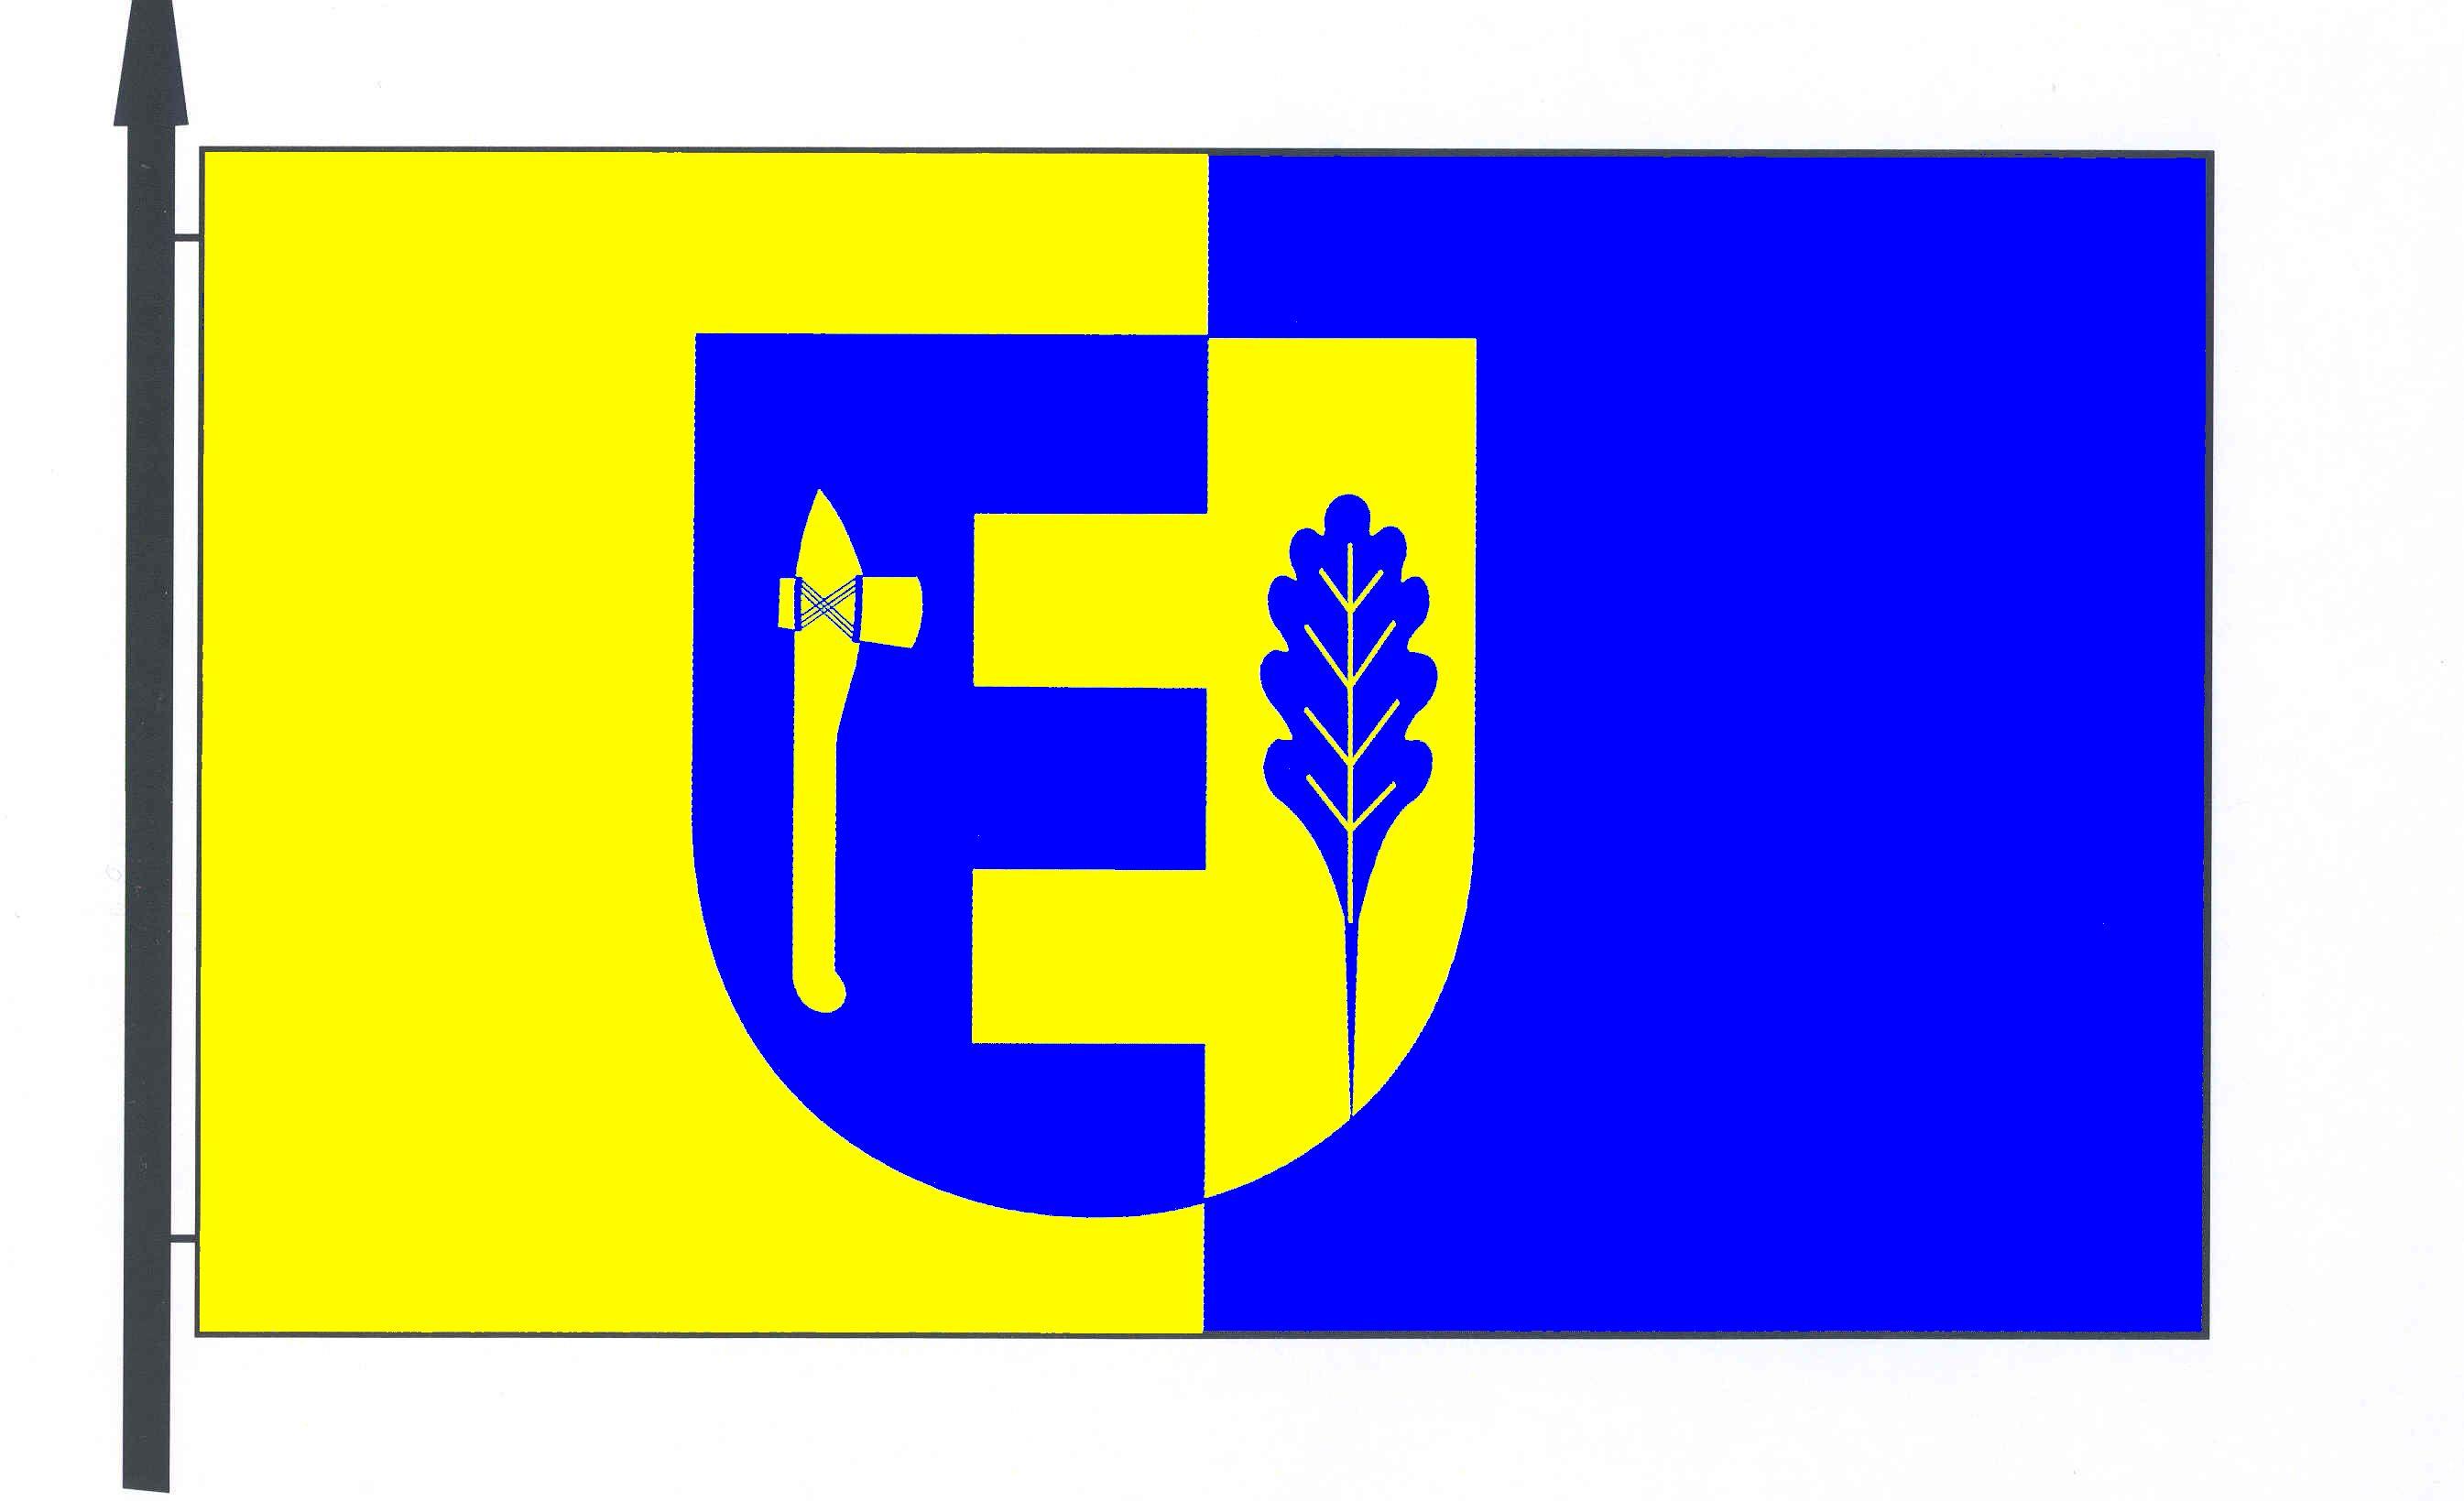 Flagge GemeindeEisendorf, Kreis Rendsburg-Eckernförde